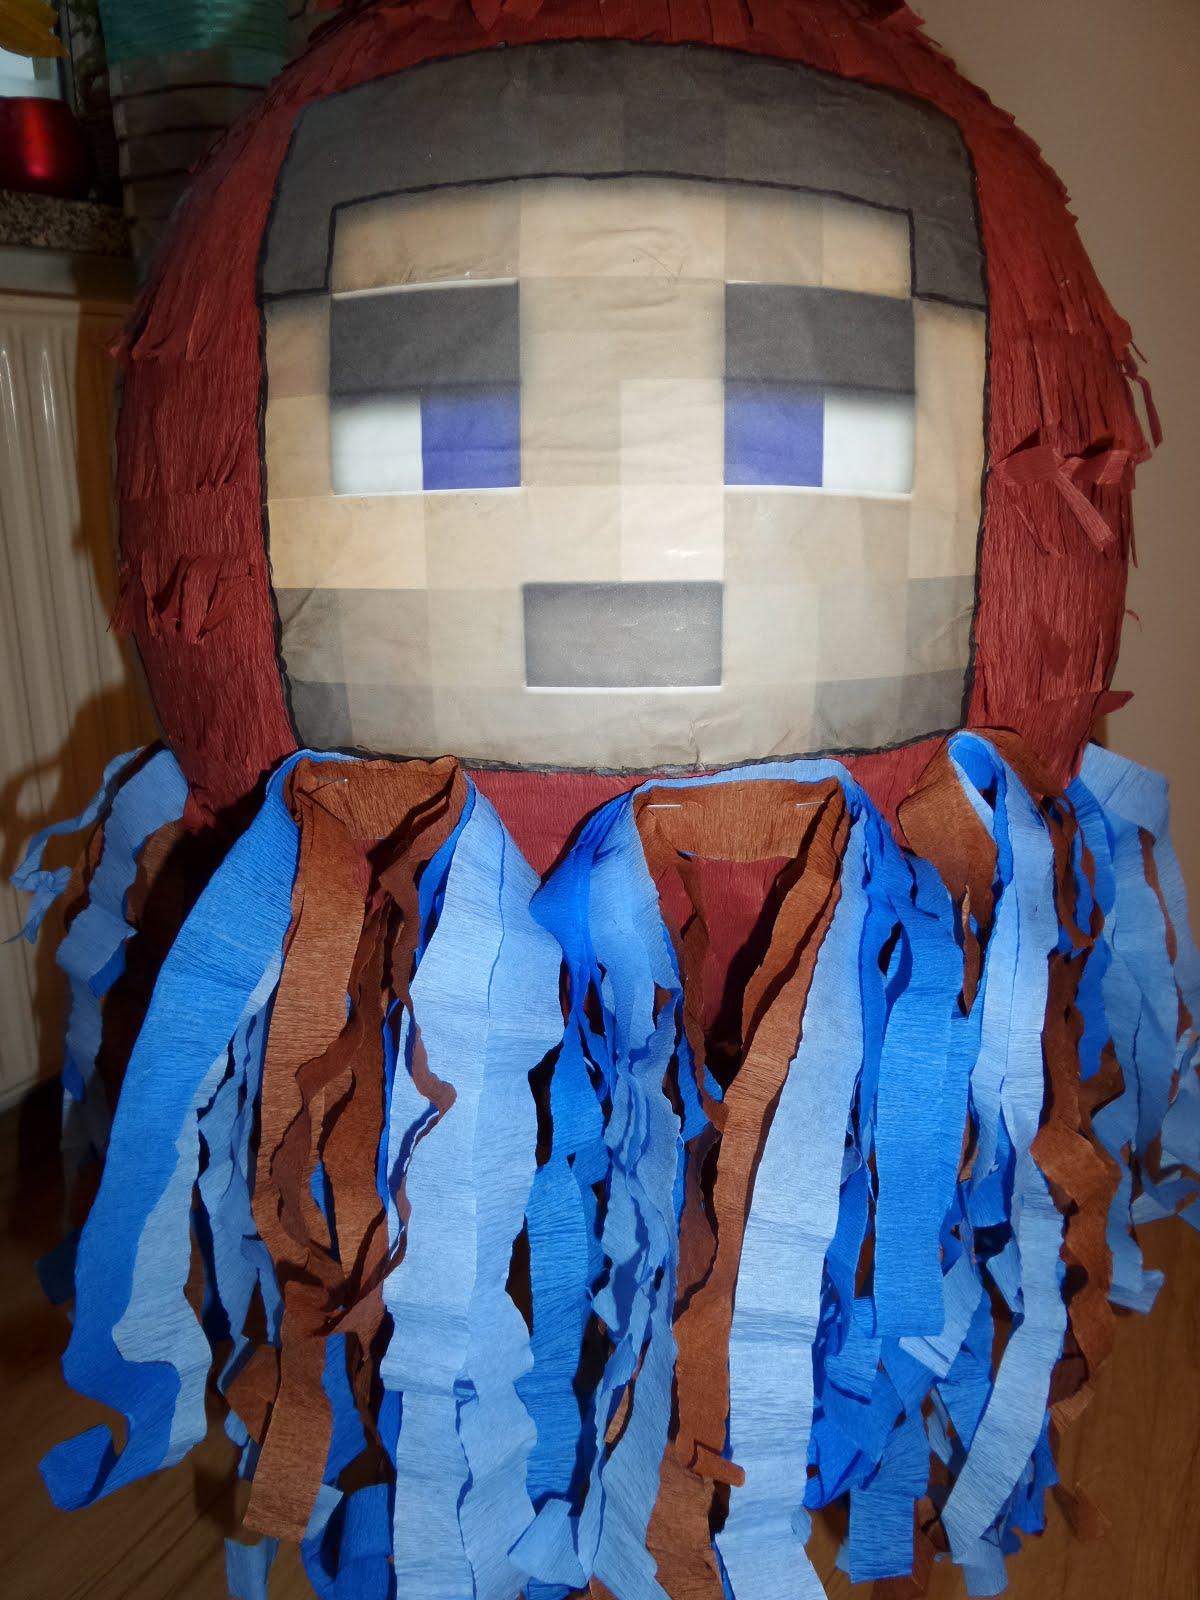 Piniata Minecraft Steve - Steve z czterech stron piniaty + falujące niebiesko - brązowe wstążki